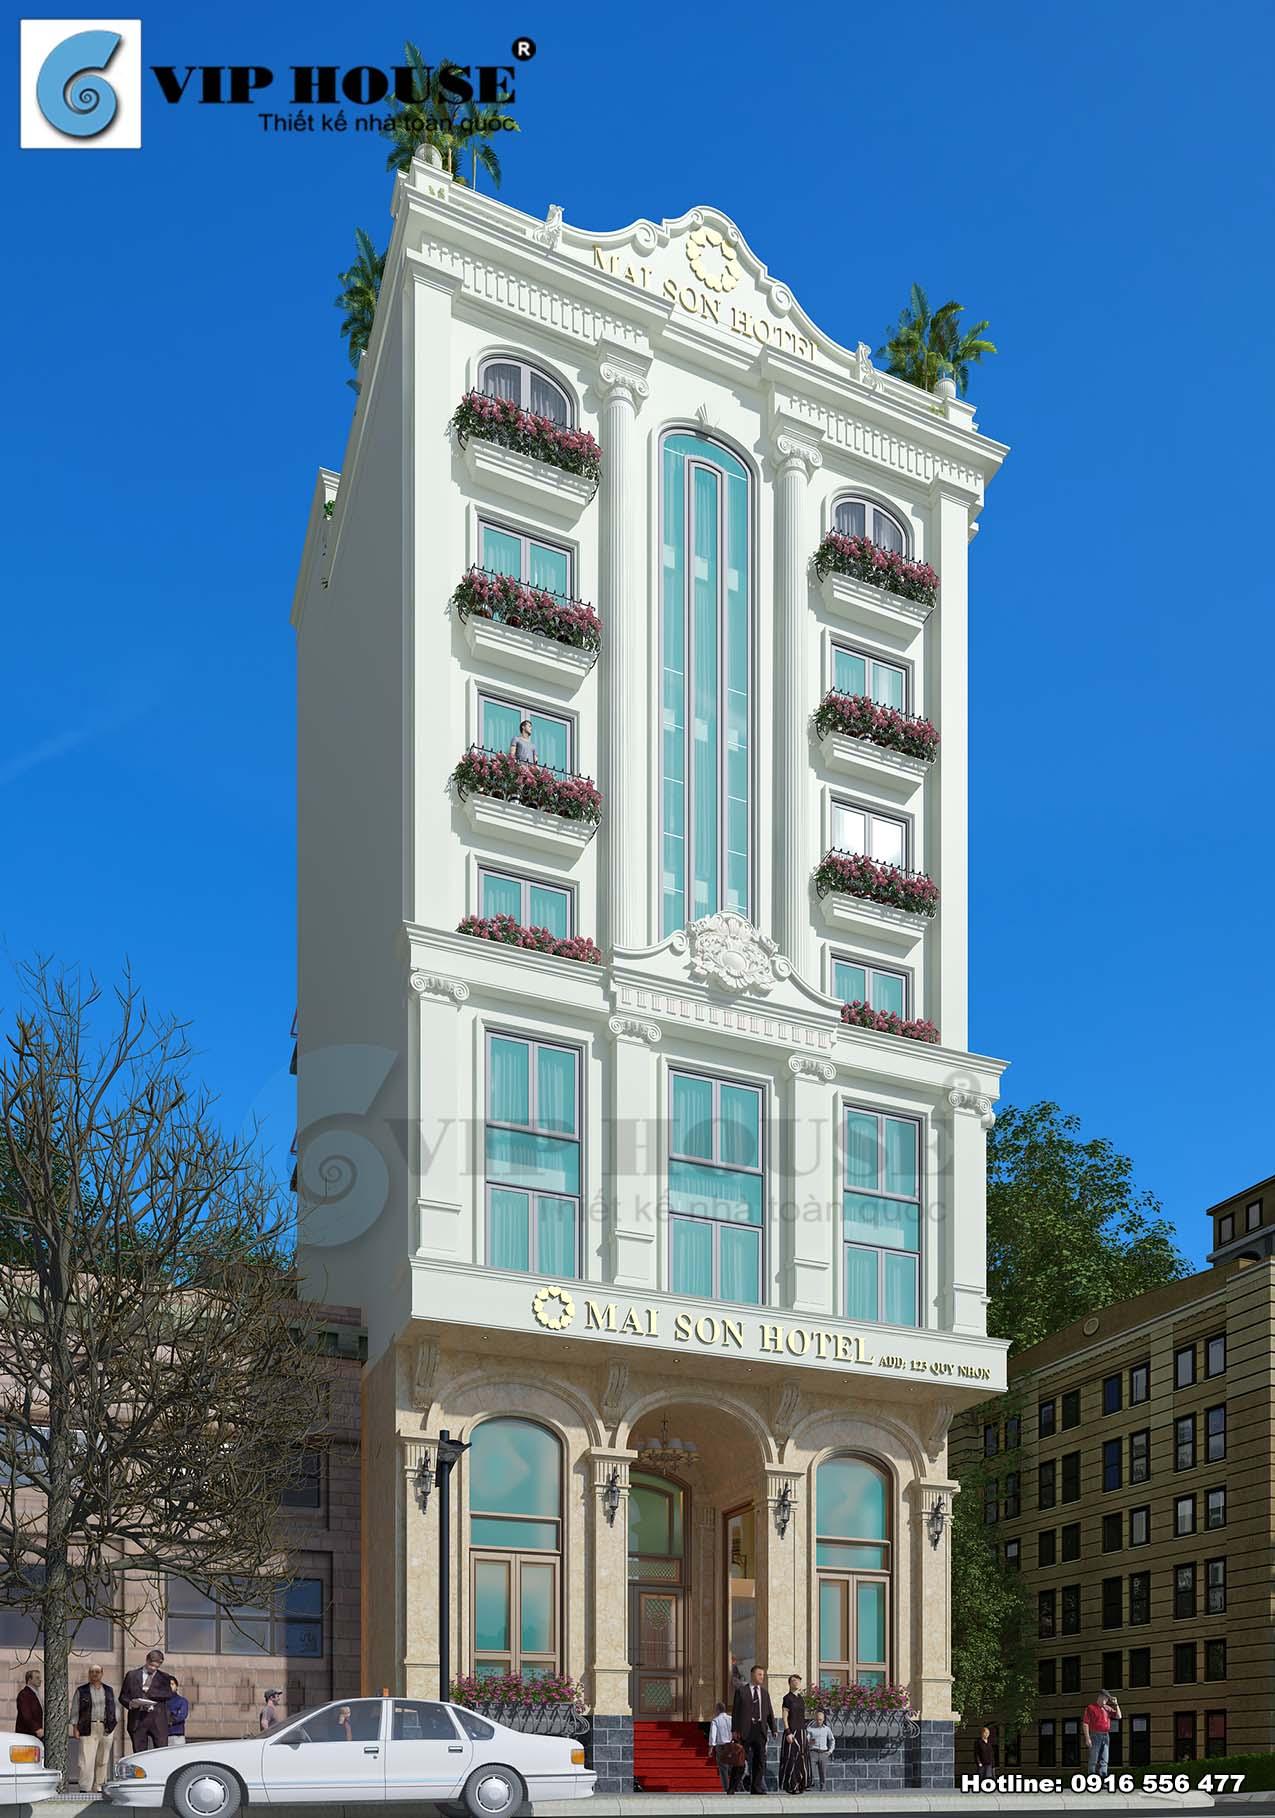 Hình ảnh: Phương án thiết kế khách sạn phong cách tân cổ điển lựa chọn gam màu vàng hoàng gia và màu trắng tinh tế làm chủ đạo